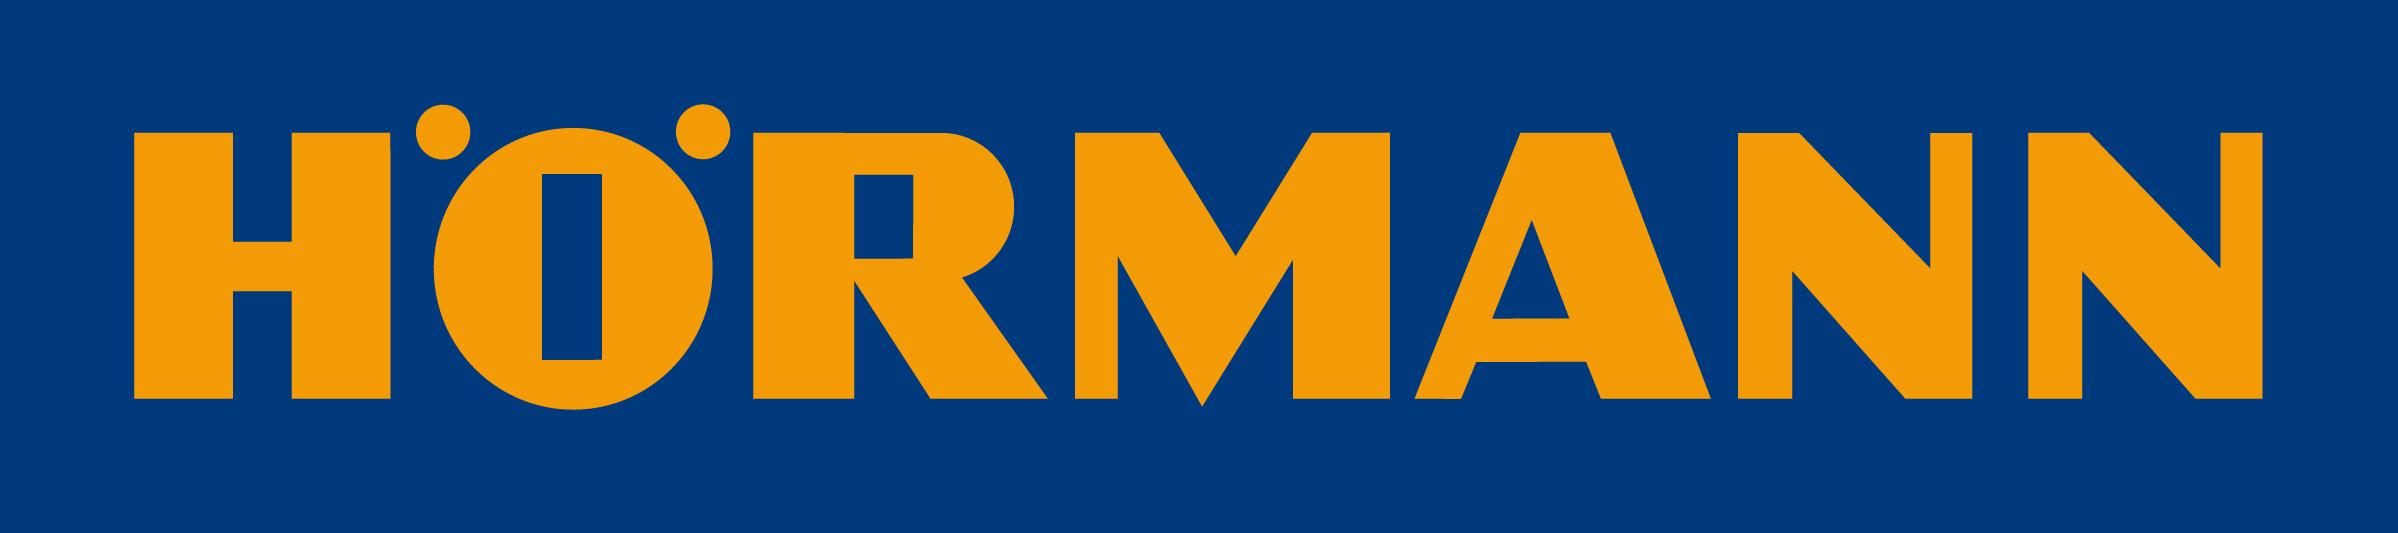 Hormann Logo portes pour l'habitat et l'industrie